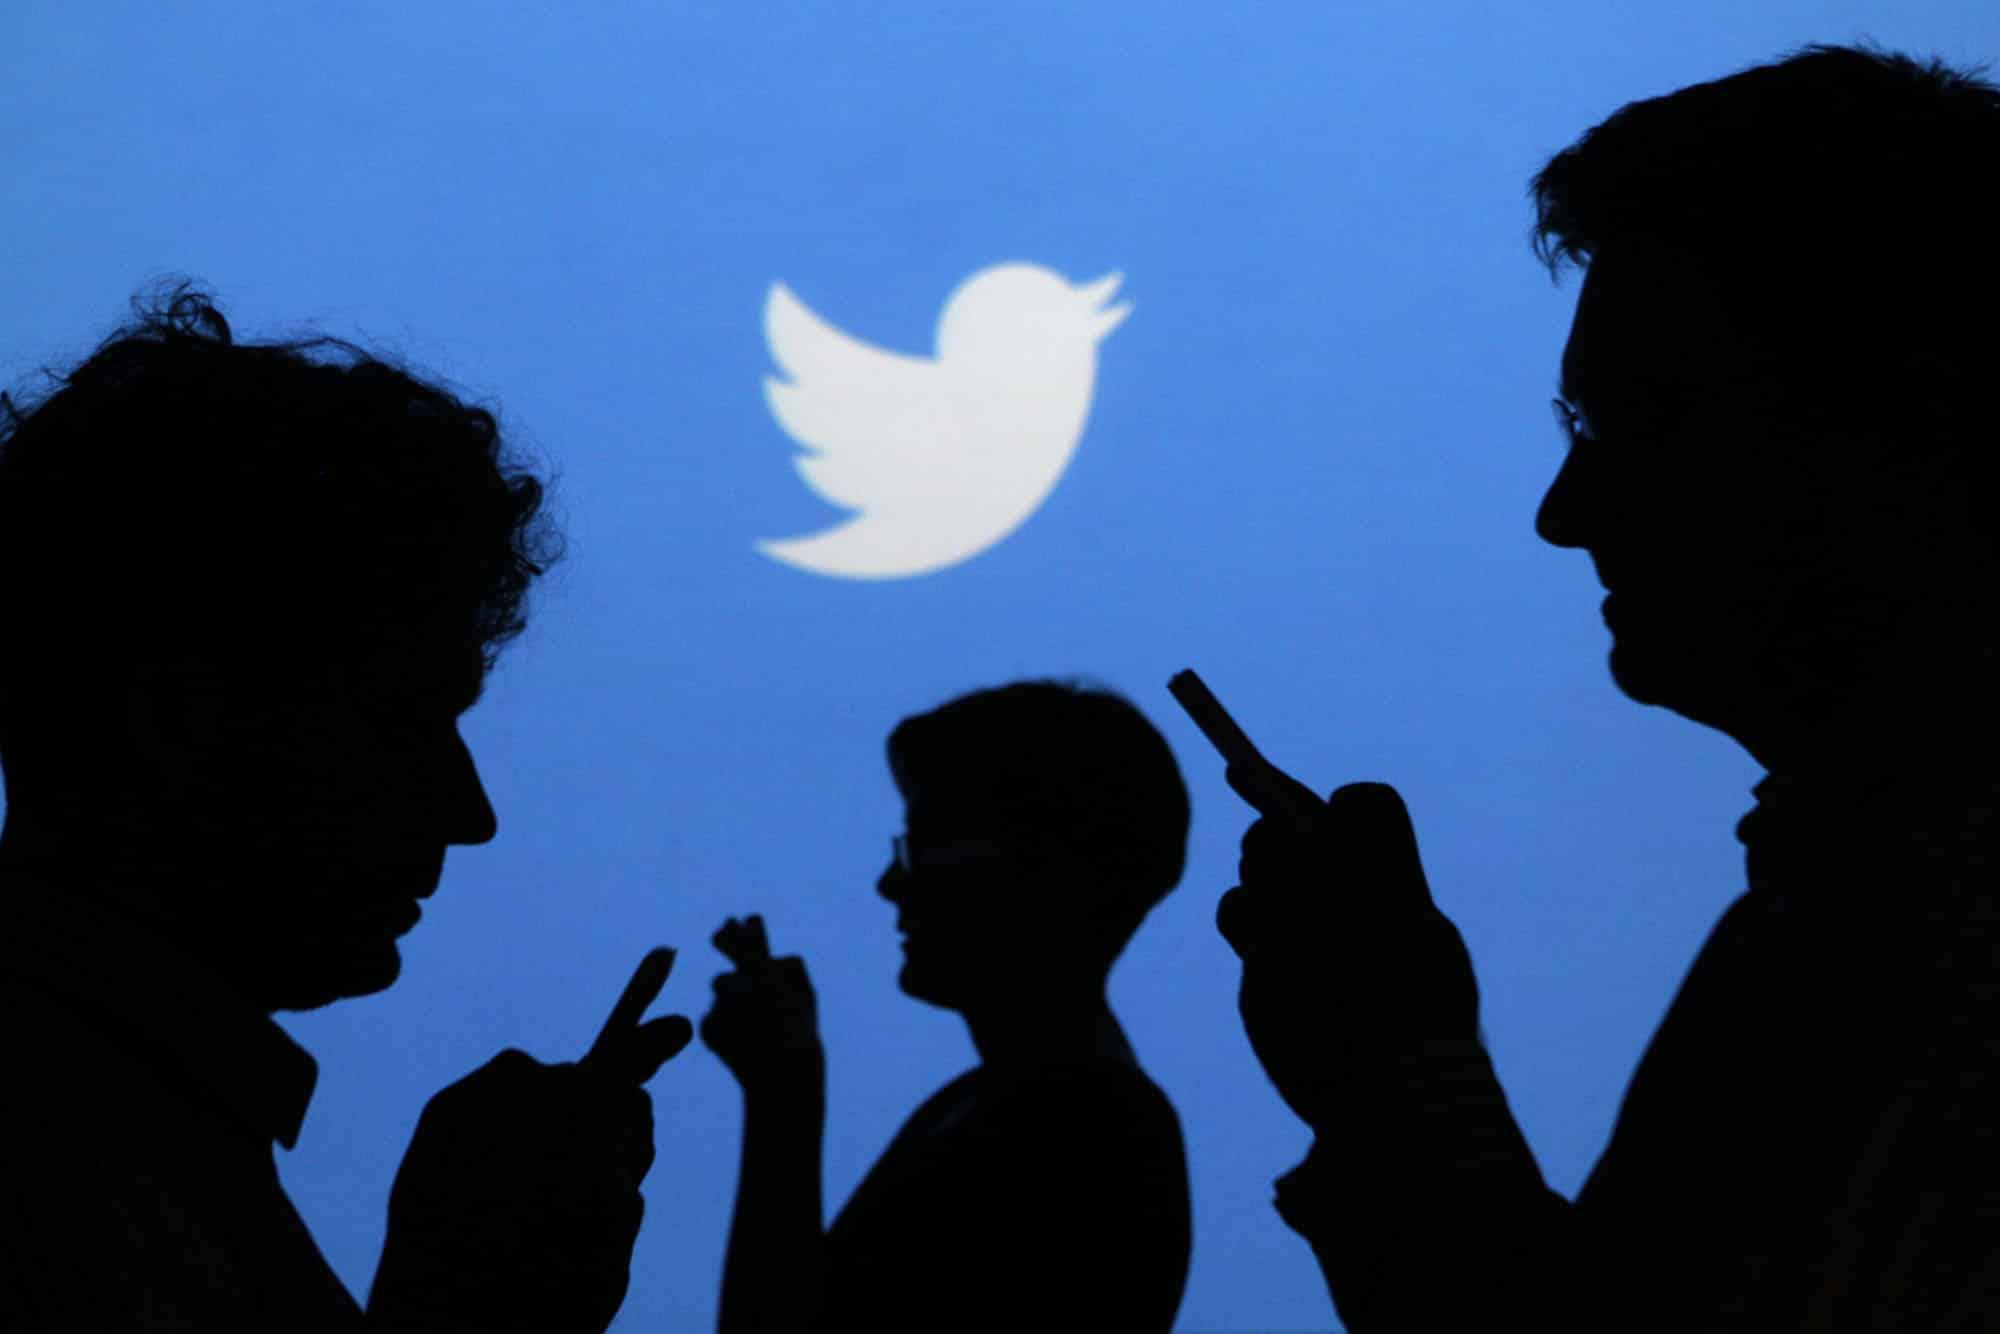 Twitter superó su registró histórico y logró más de 90 millones de visitas únicas en marzo.